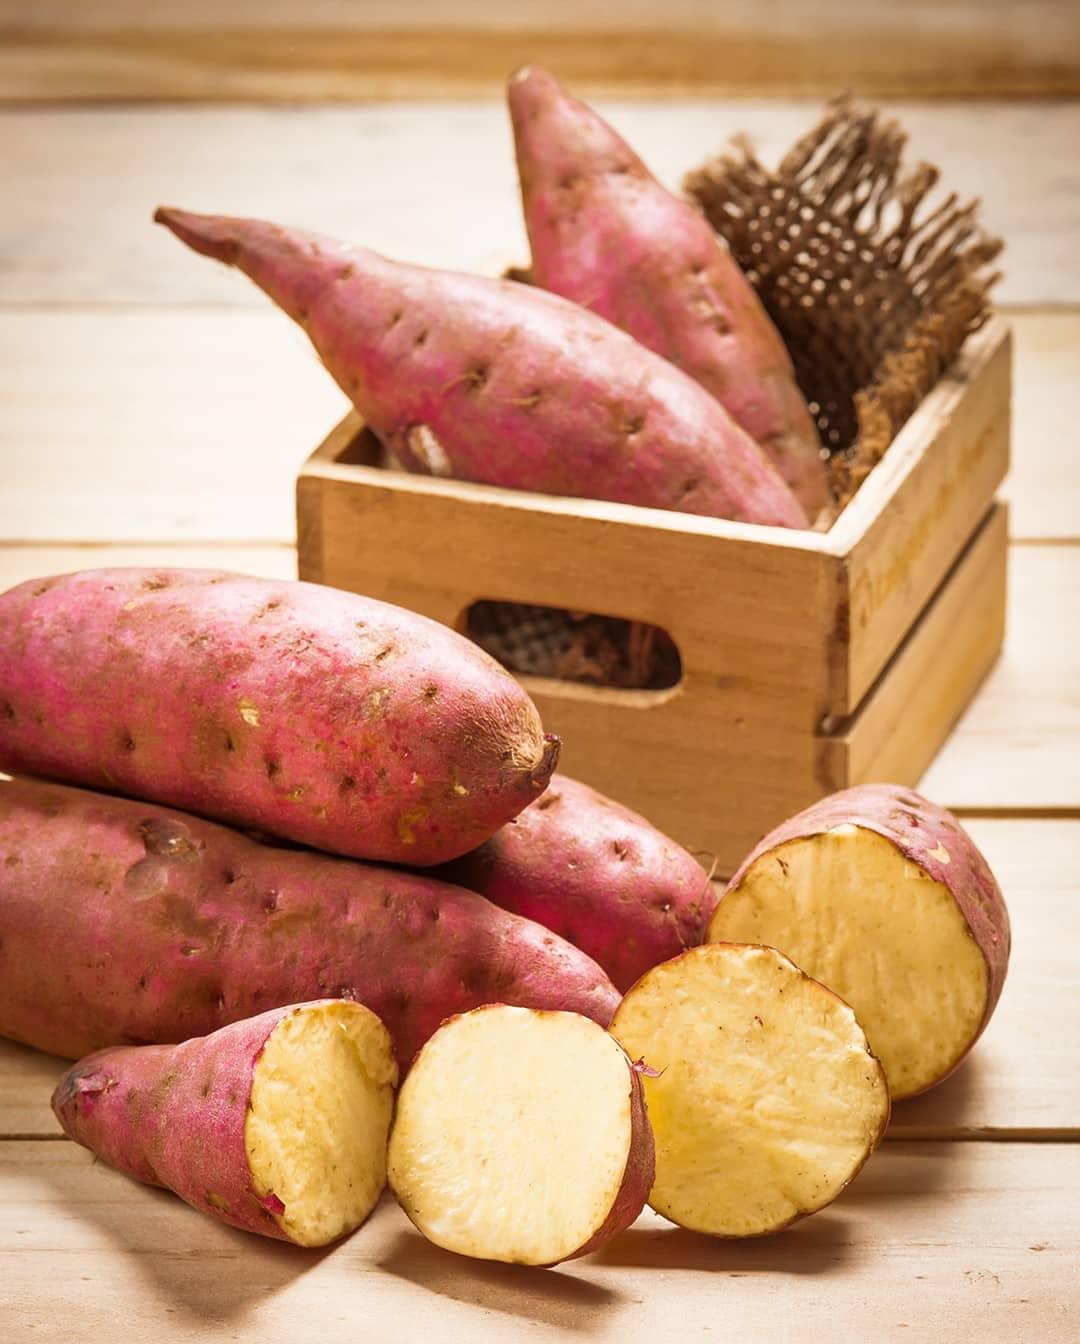 mor tatlı patates kanser